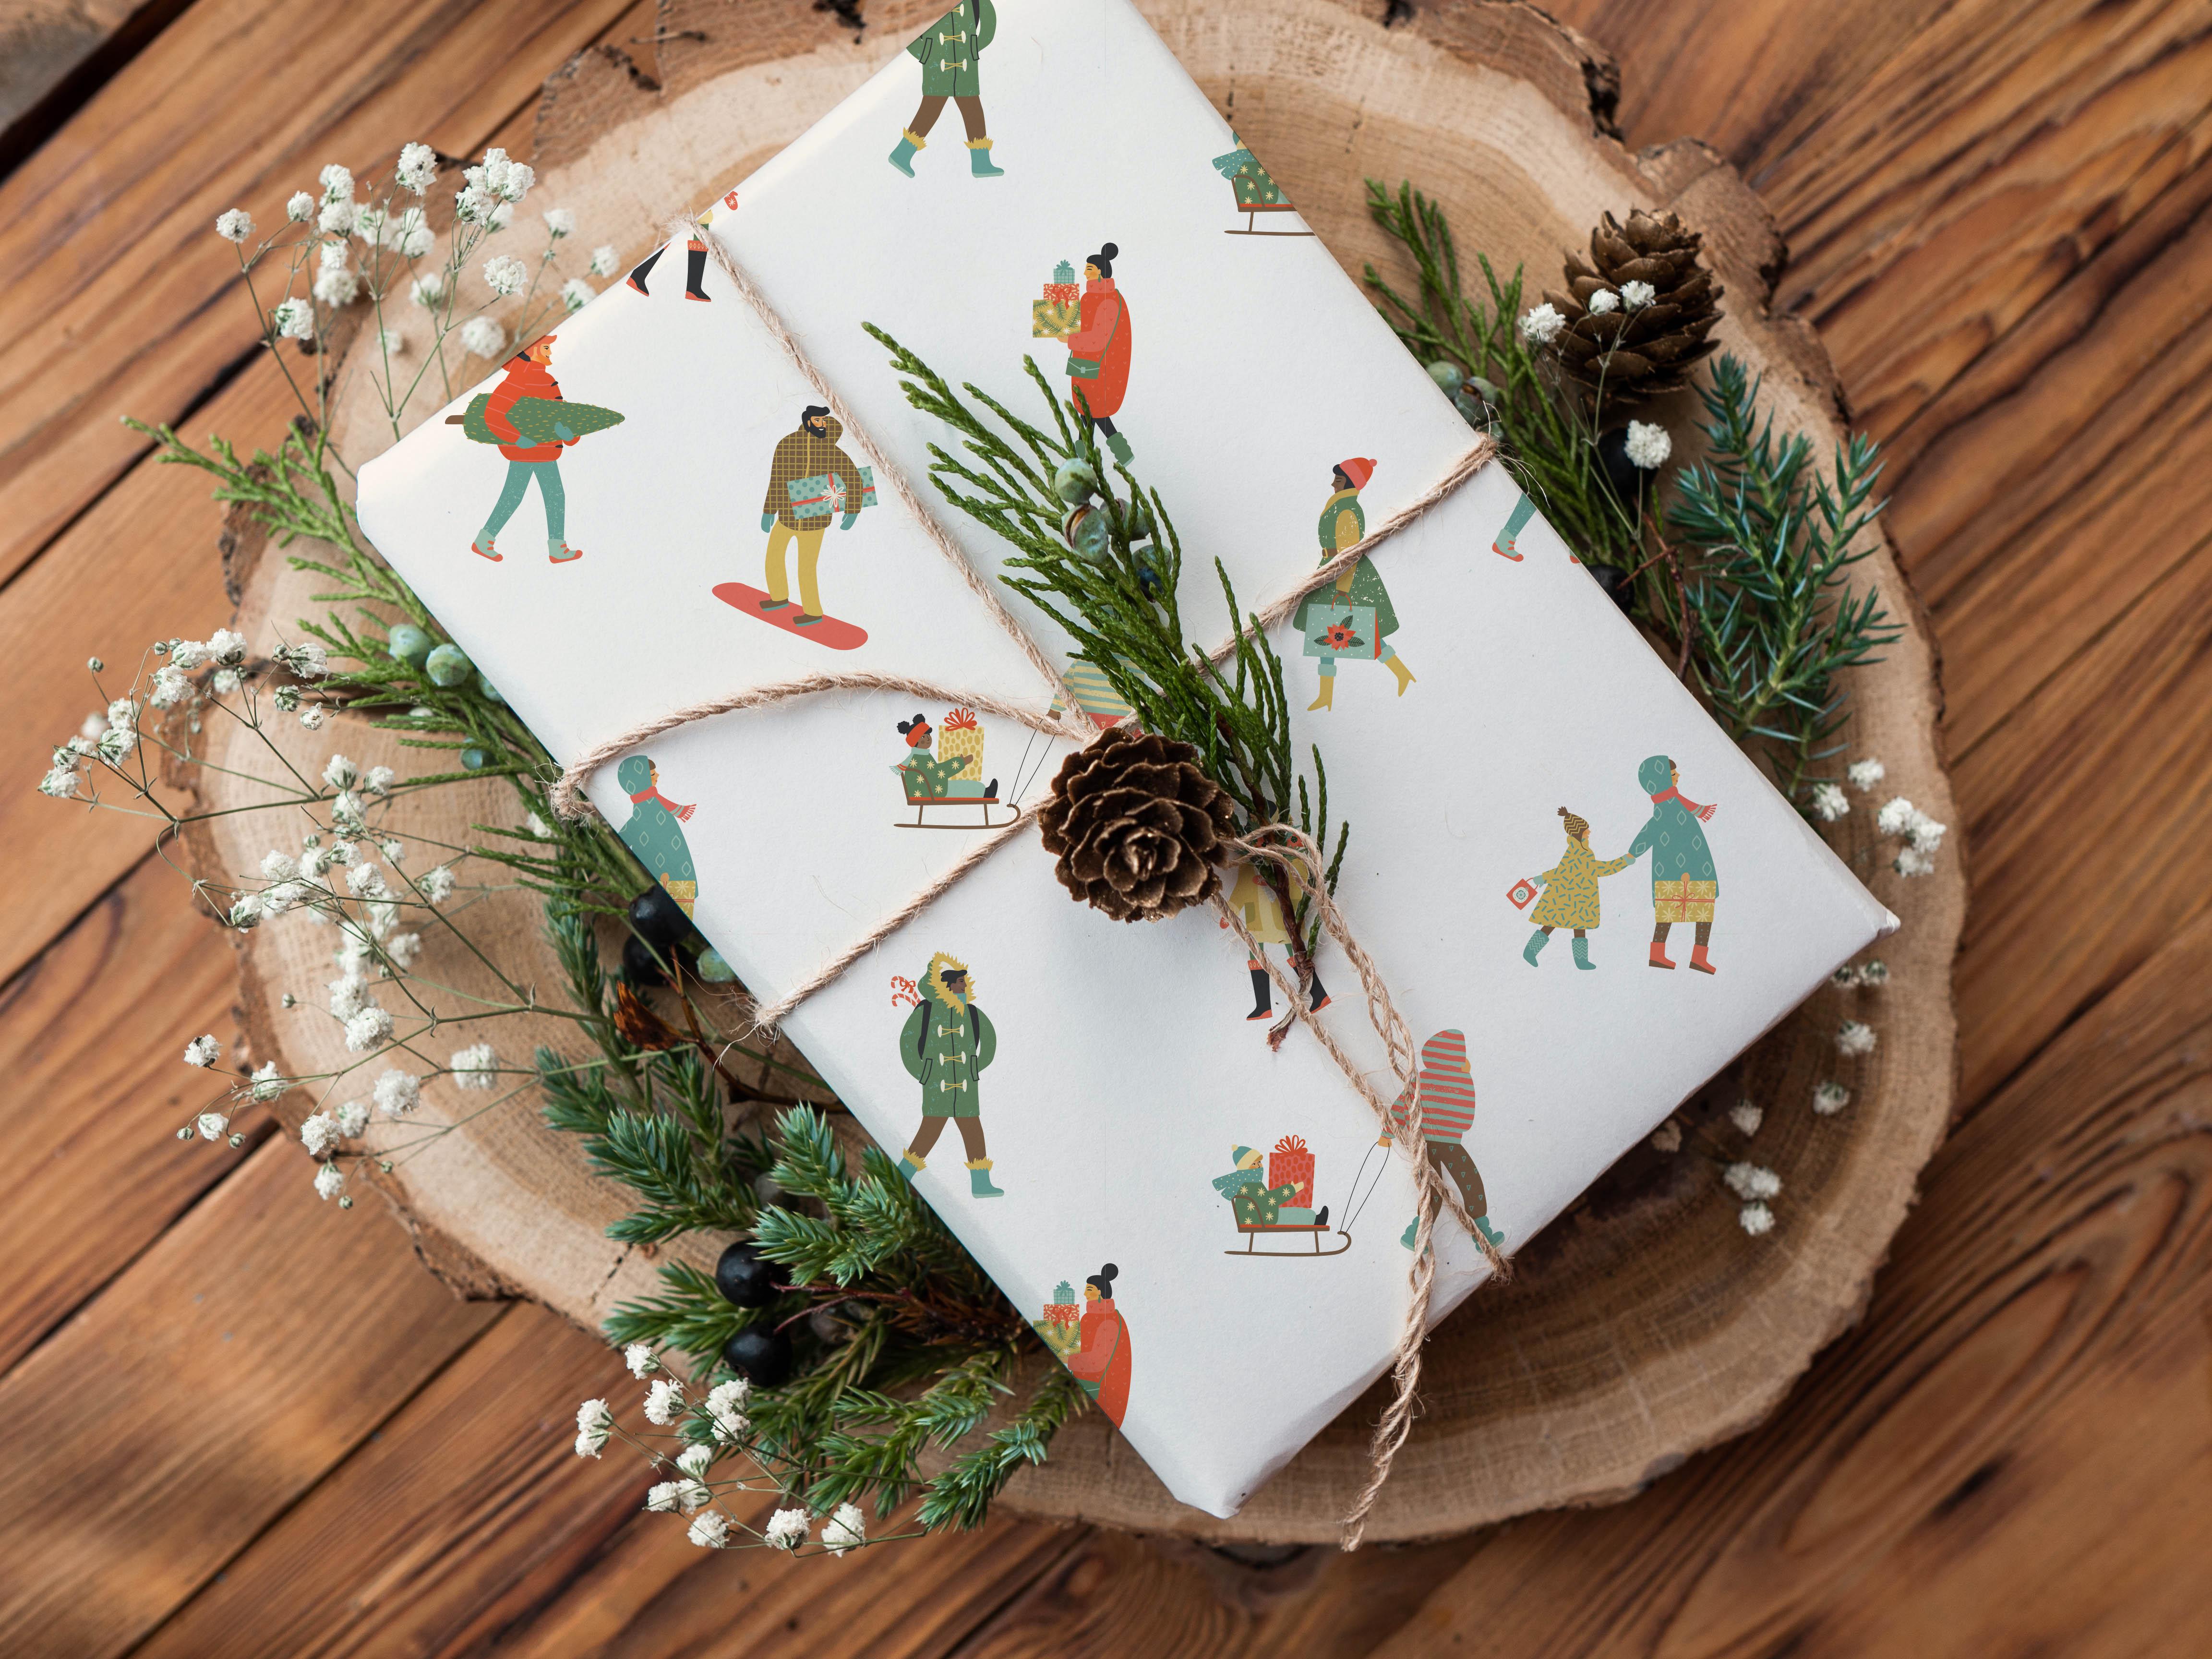 Umweltfreundliches Geschenkpapier| Geschenke nachhaltig einpacken mit Naturmaterialien wie Zweige und Tannenzapfen dekorieren.